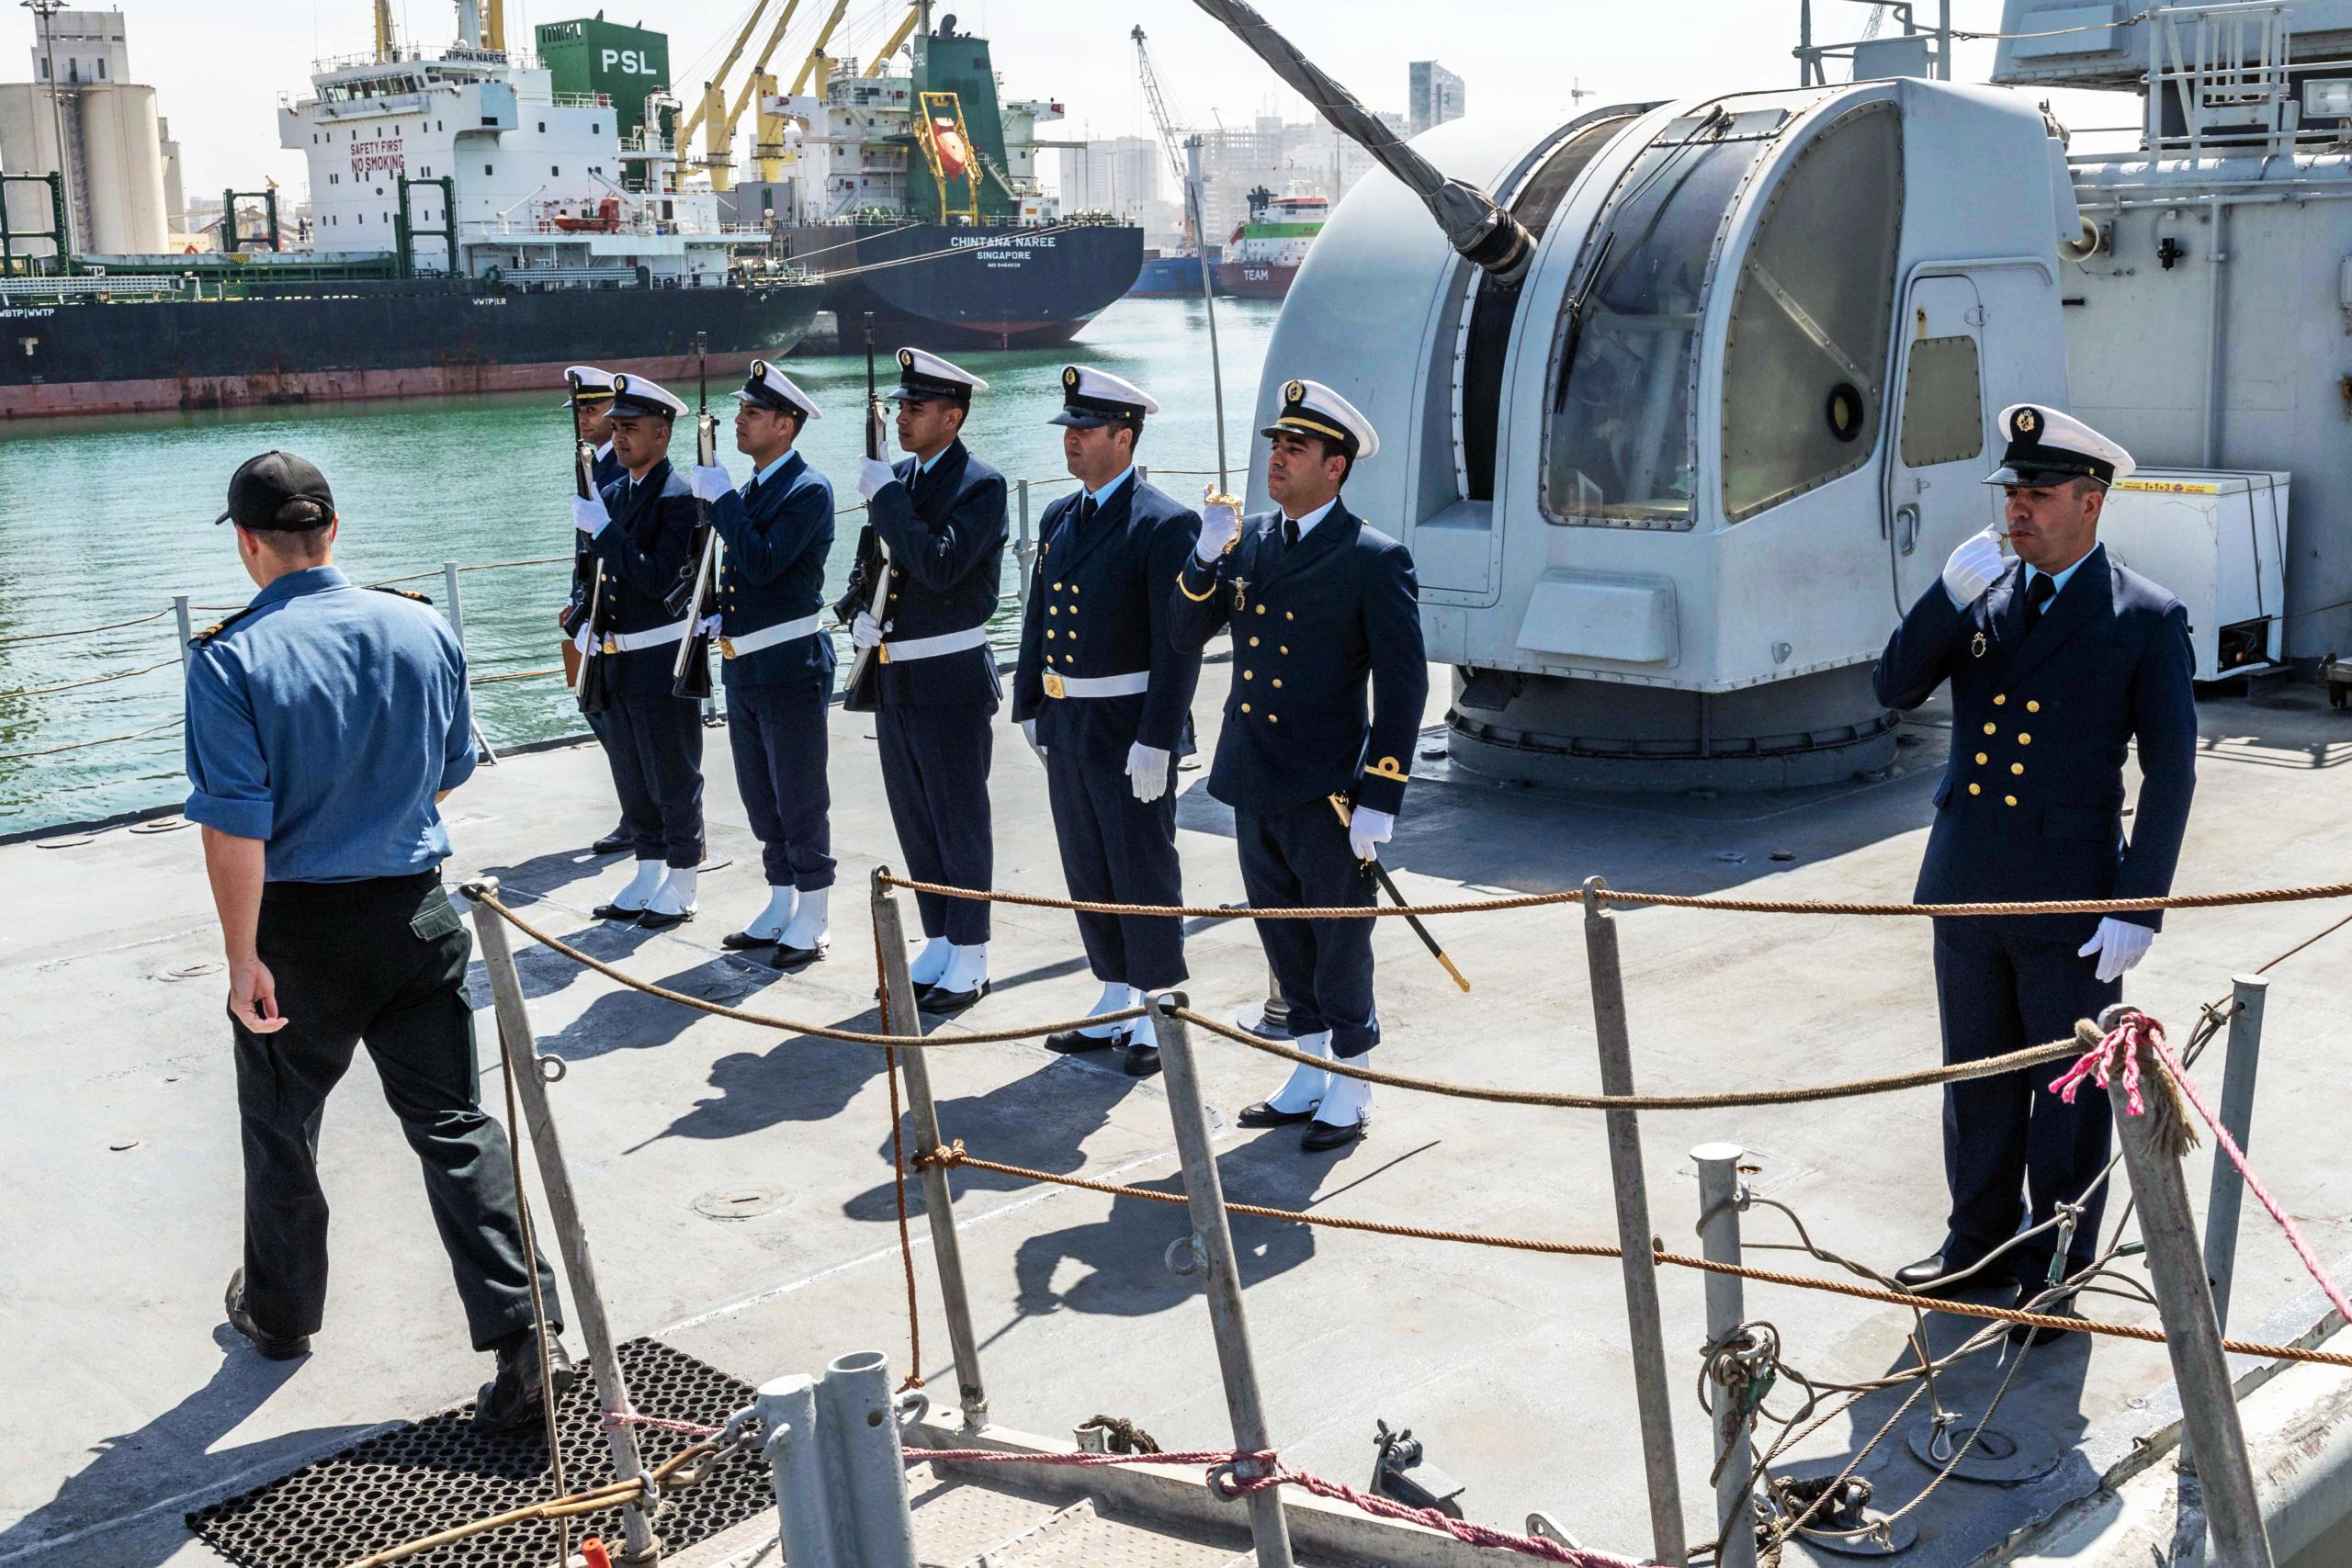 Royal Moroccan Navy Descubierta Frigate / Patrouilleur Océanique Lt Cl Errahmani - Bâtiment École - Page 4 Pr01-211